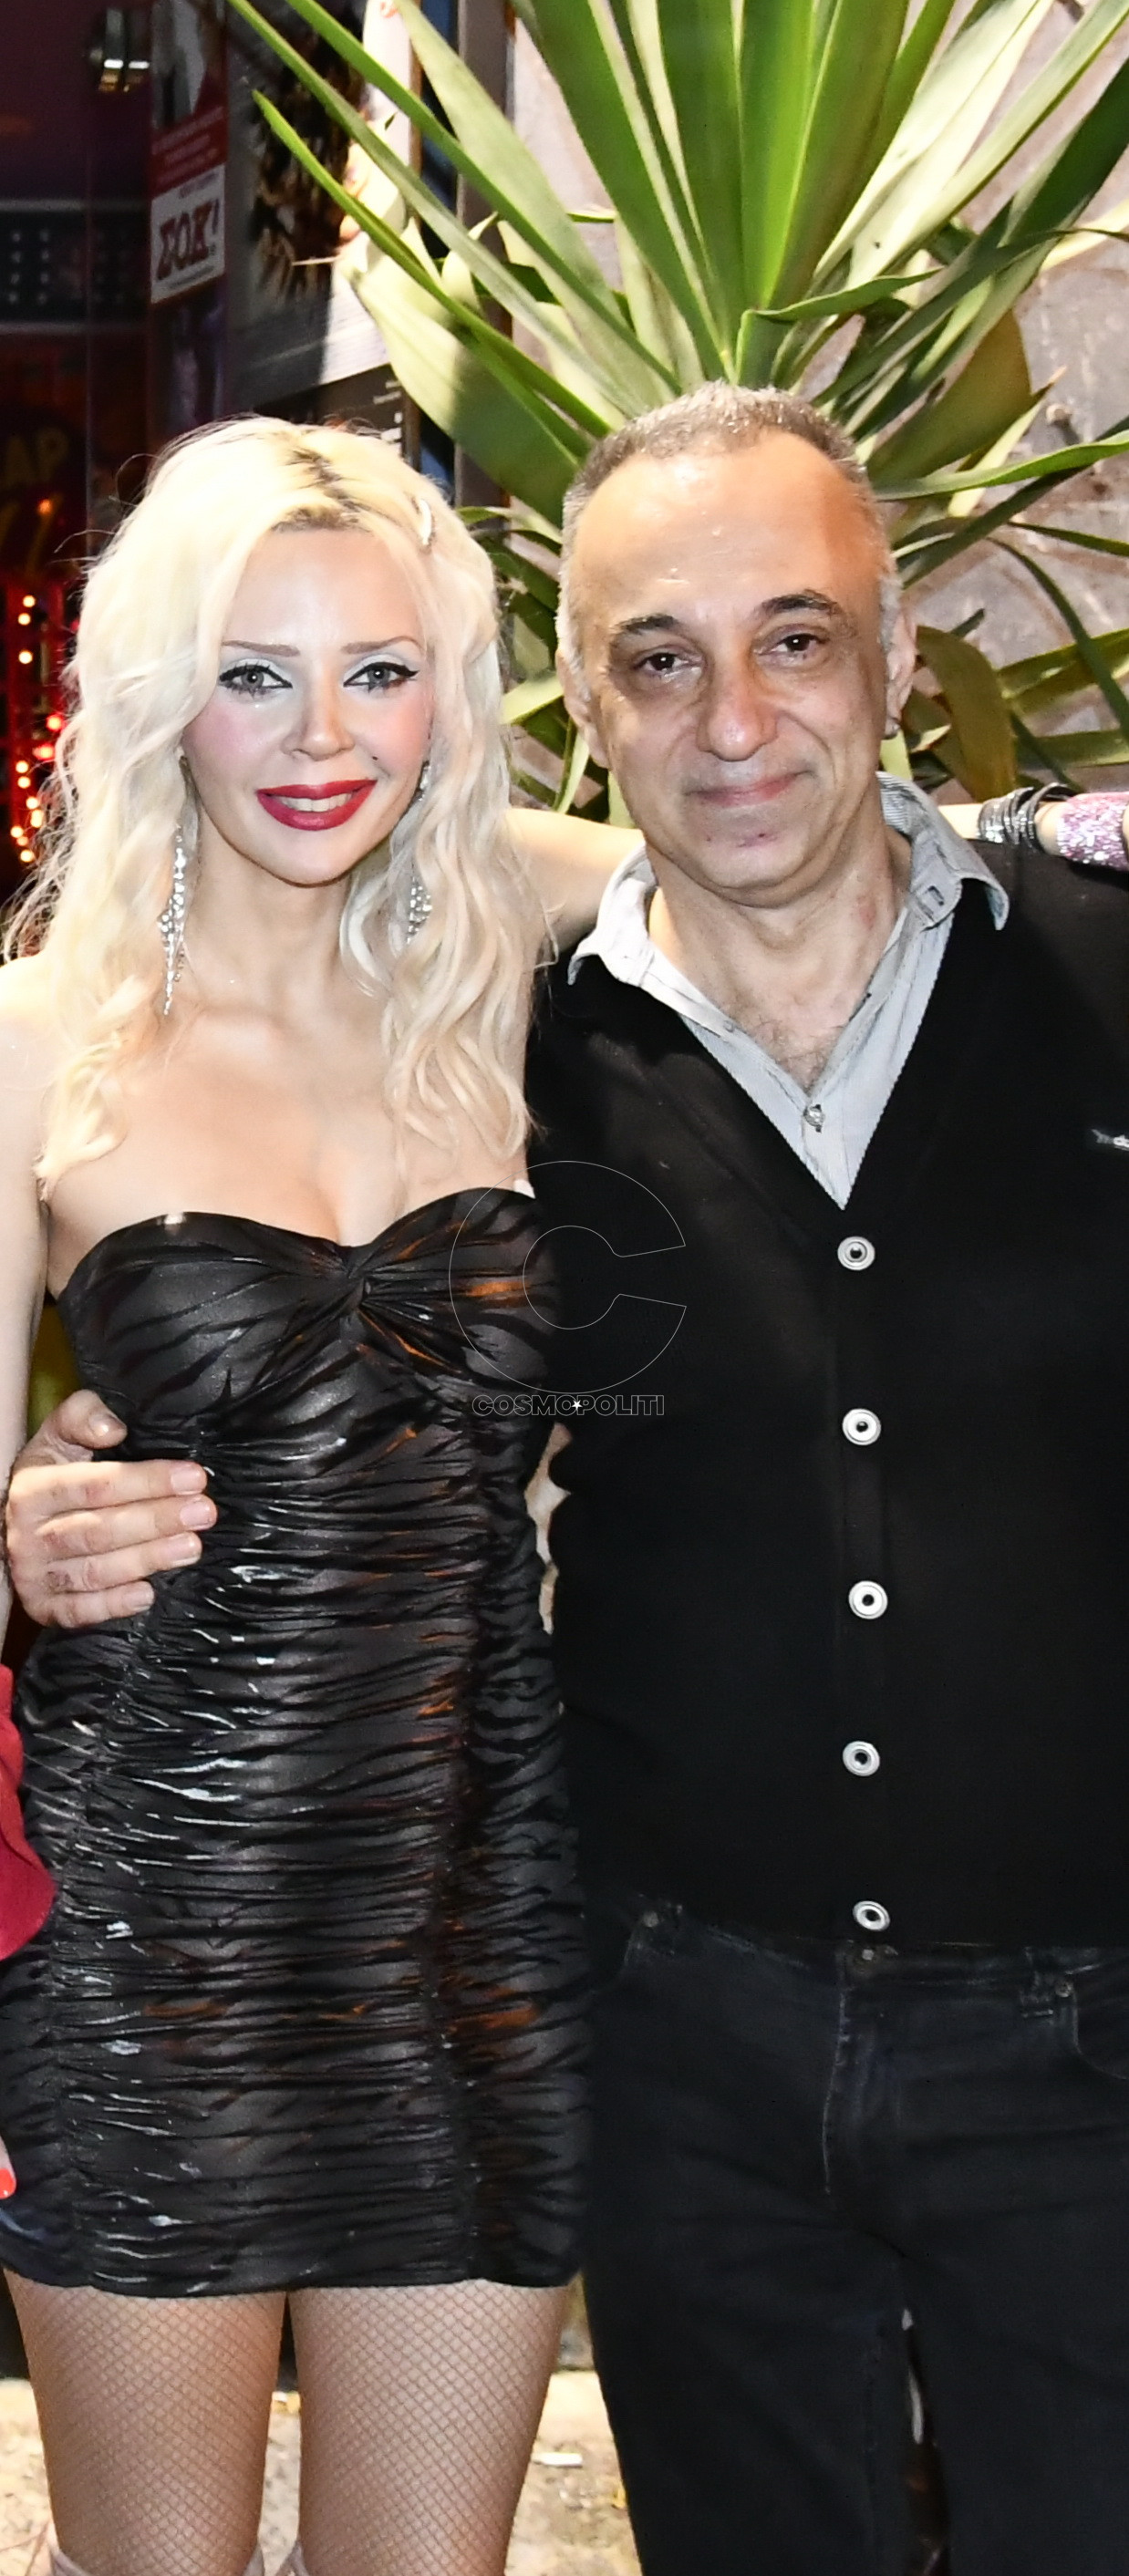 Γιώργος Λιβανός με τη Μάιρυλιν του, Νίνα Ακτύπη